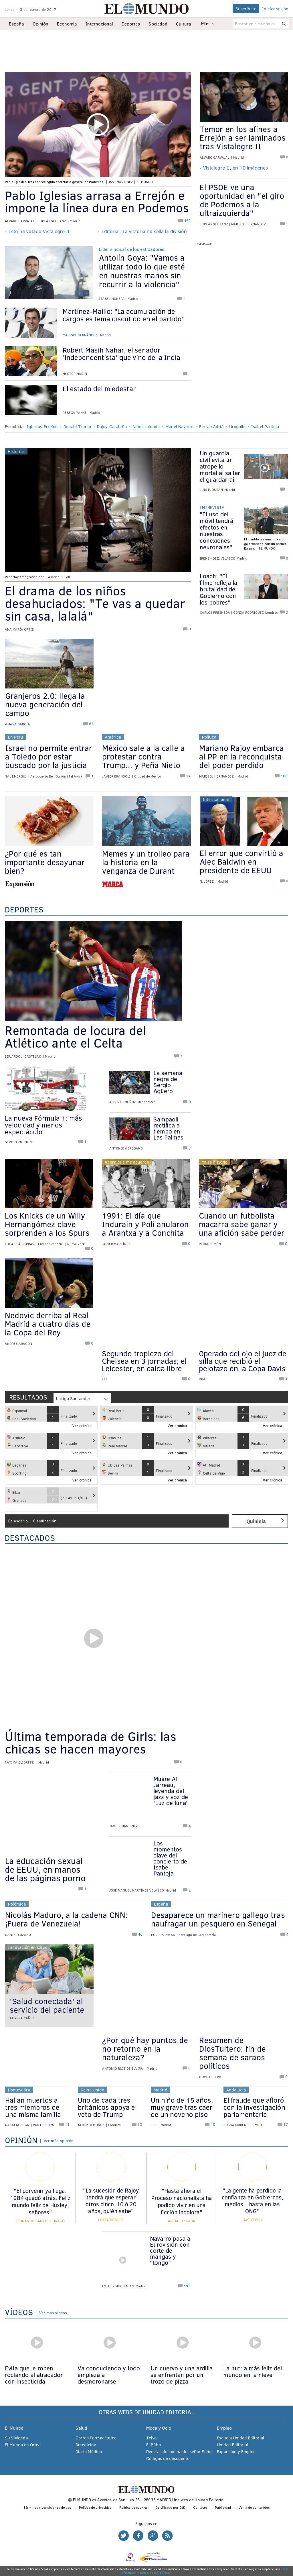 El Mundo at Monday Feb. 13, 2017, 3:10 a.m. UTC